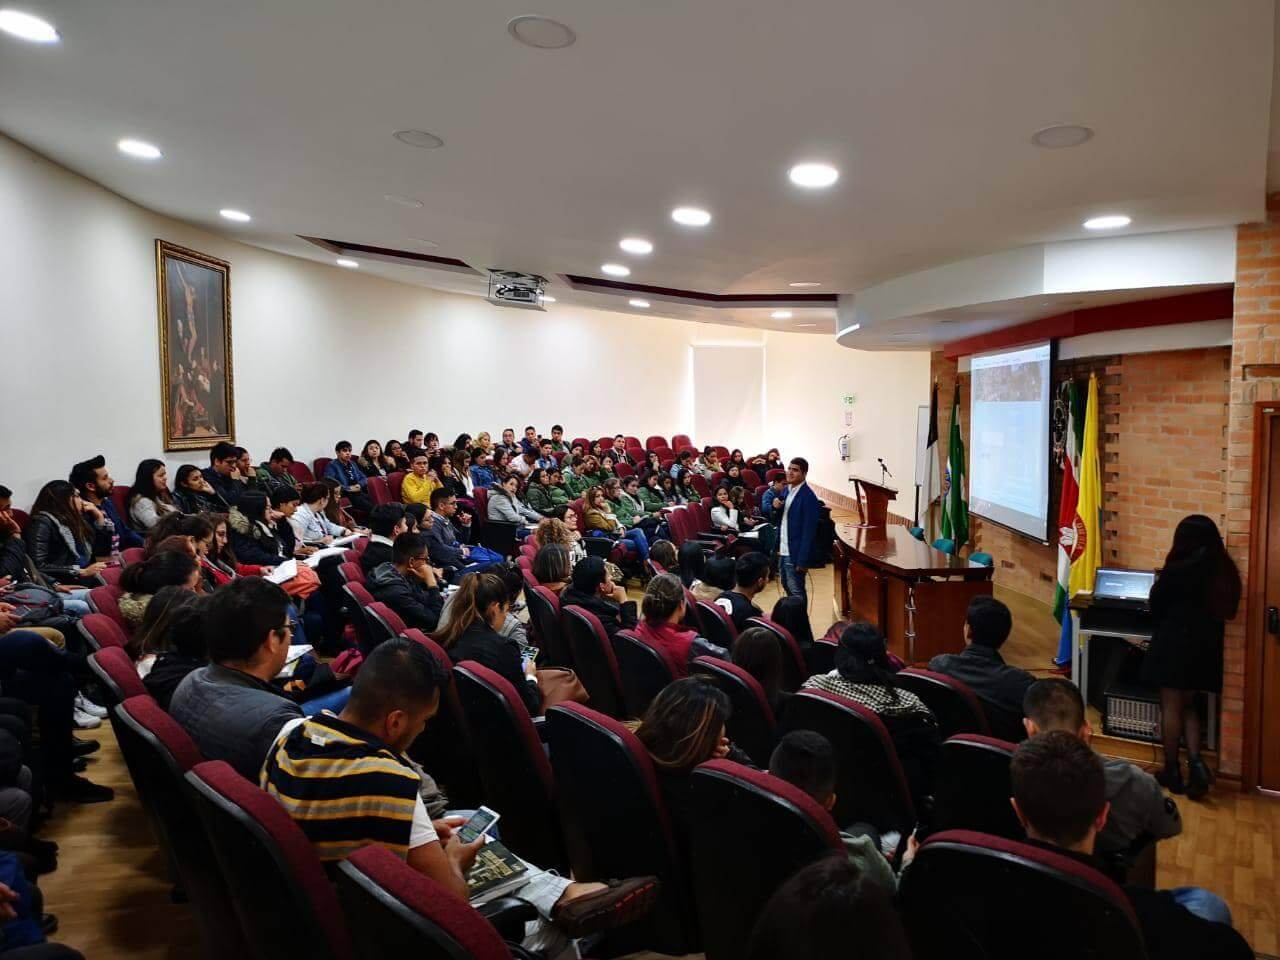 Agenda Ambiental apoyando en eventos - Foto por Agenda Ambiental Colombia